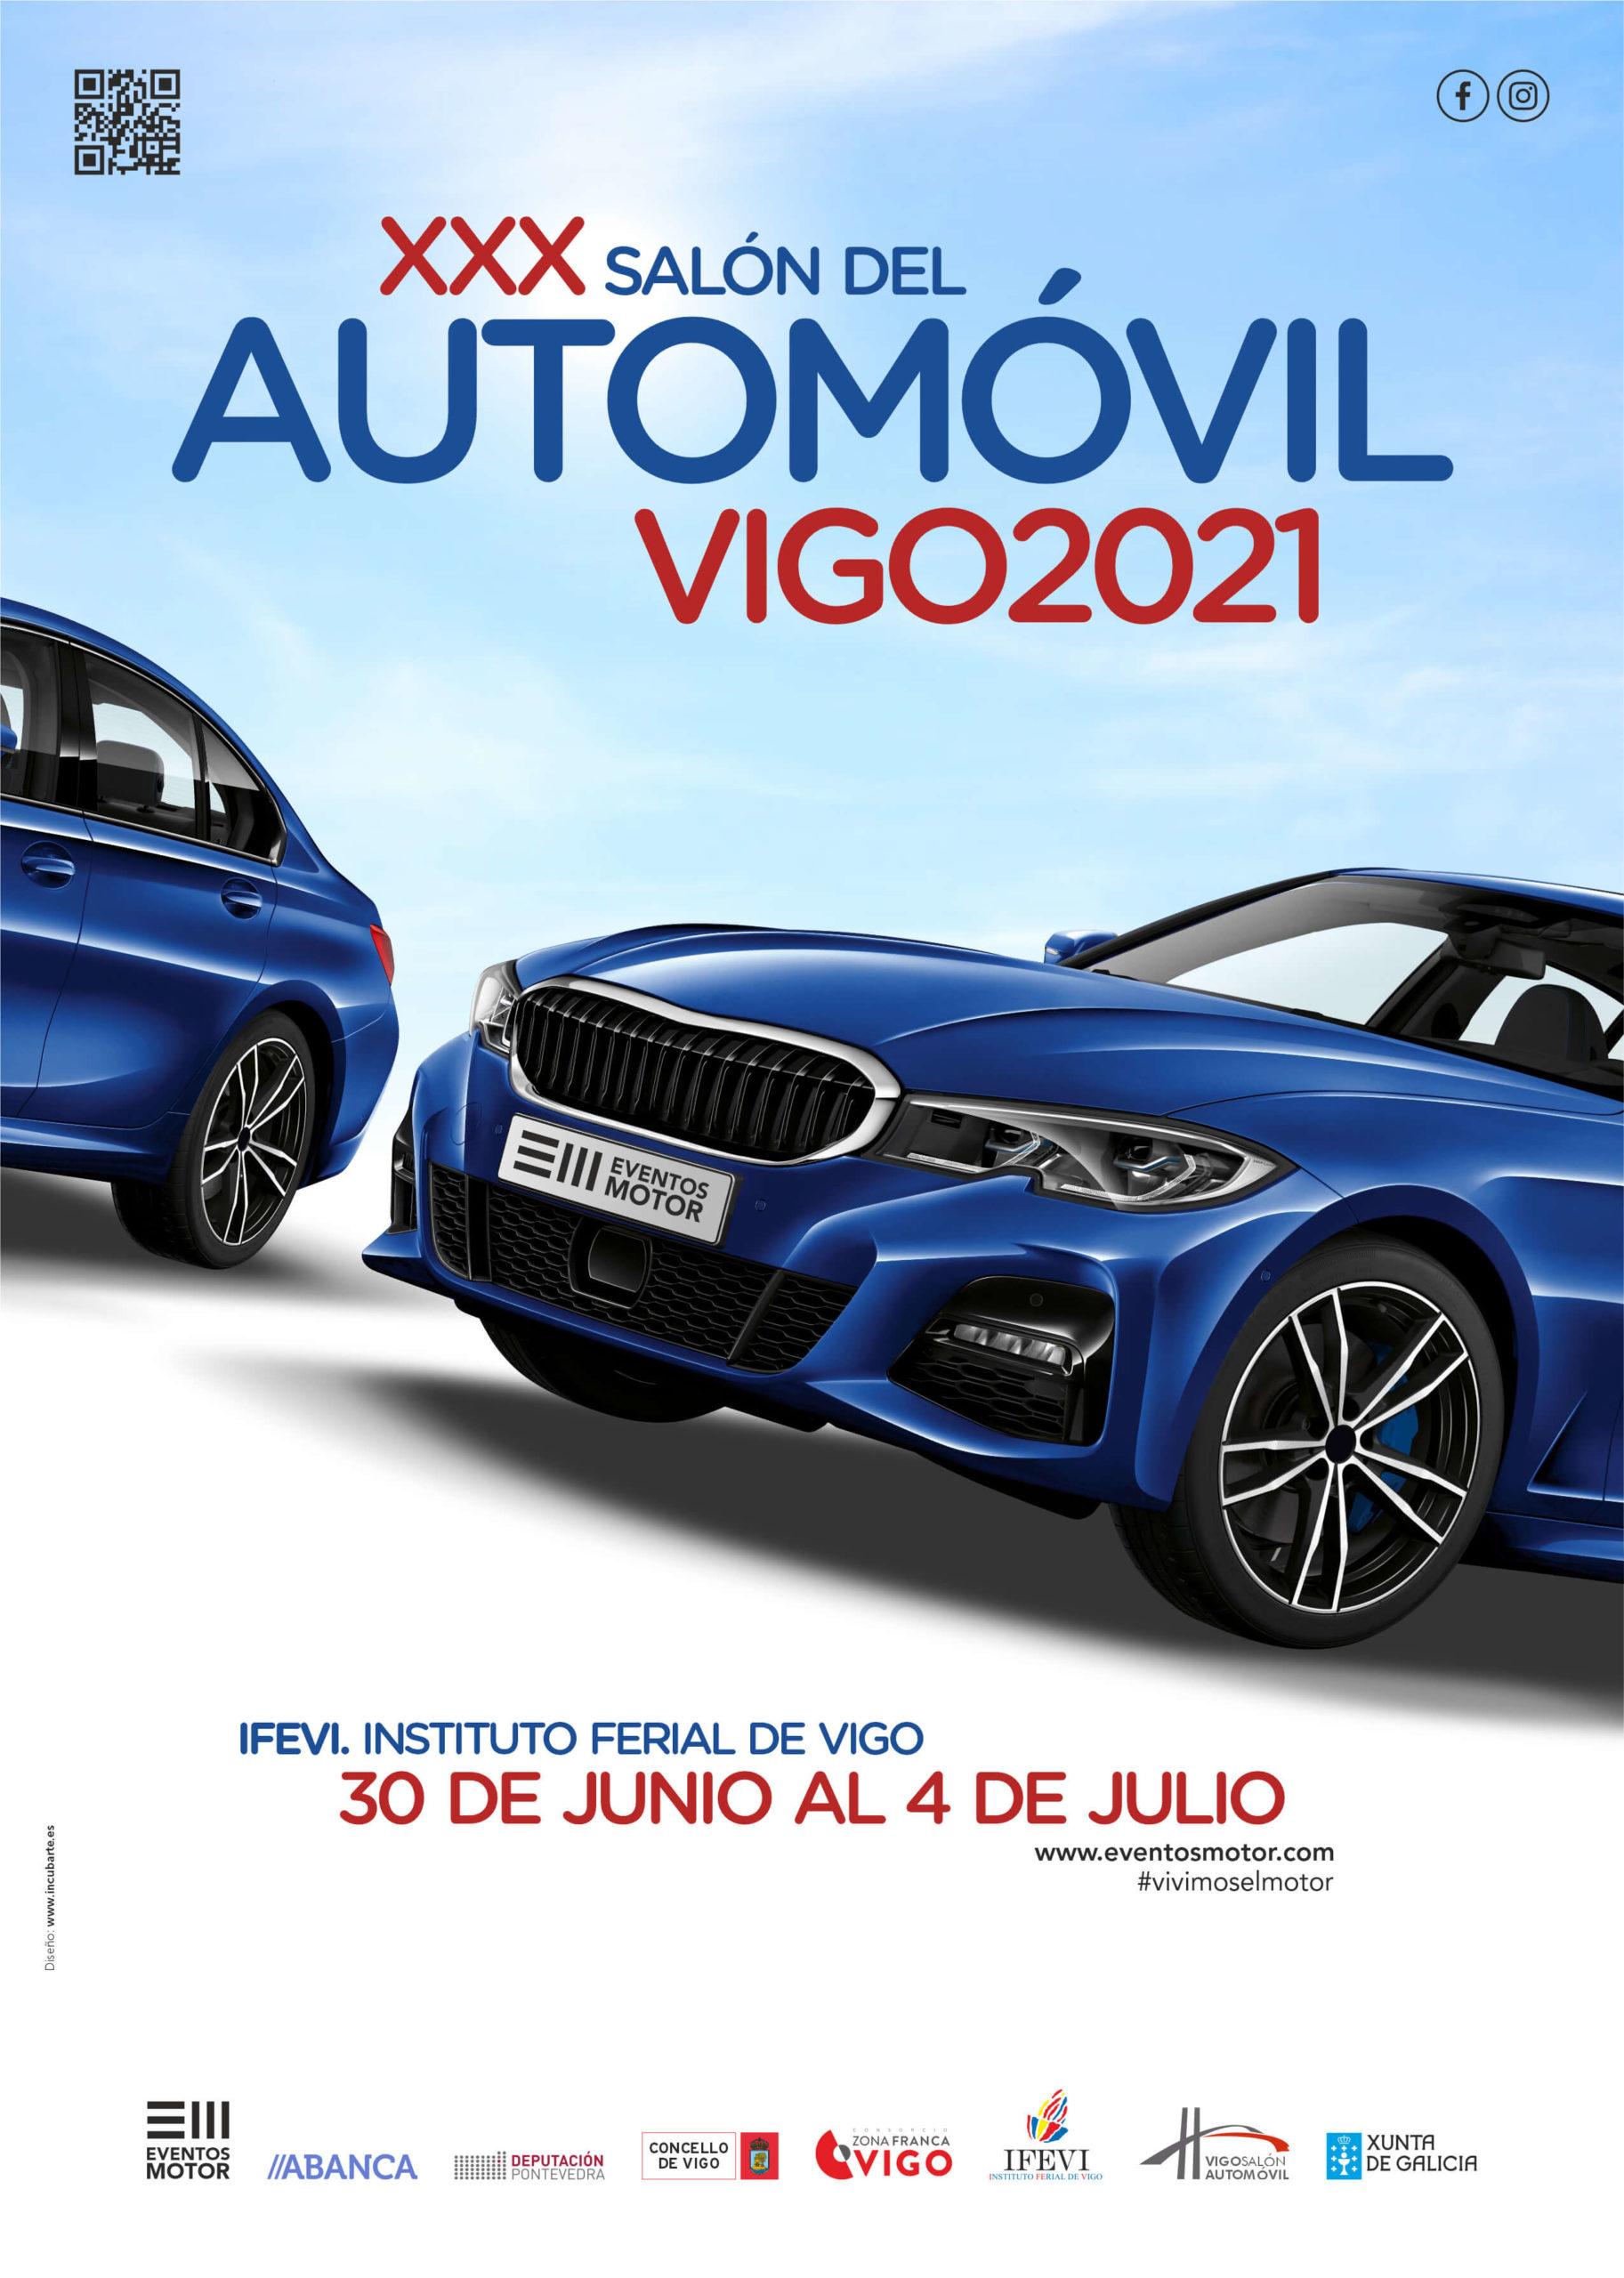 XXX Salón del Automóvil de Vigo